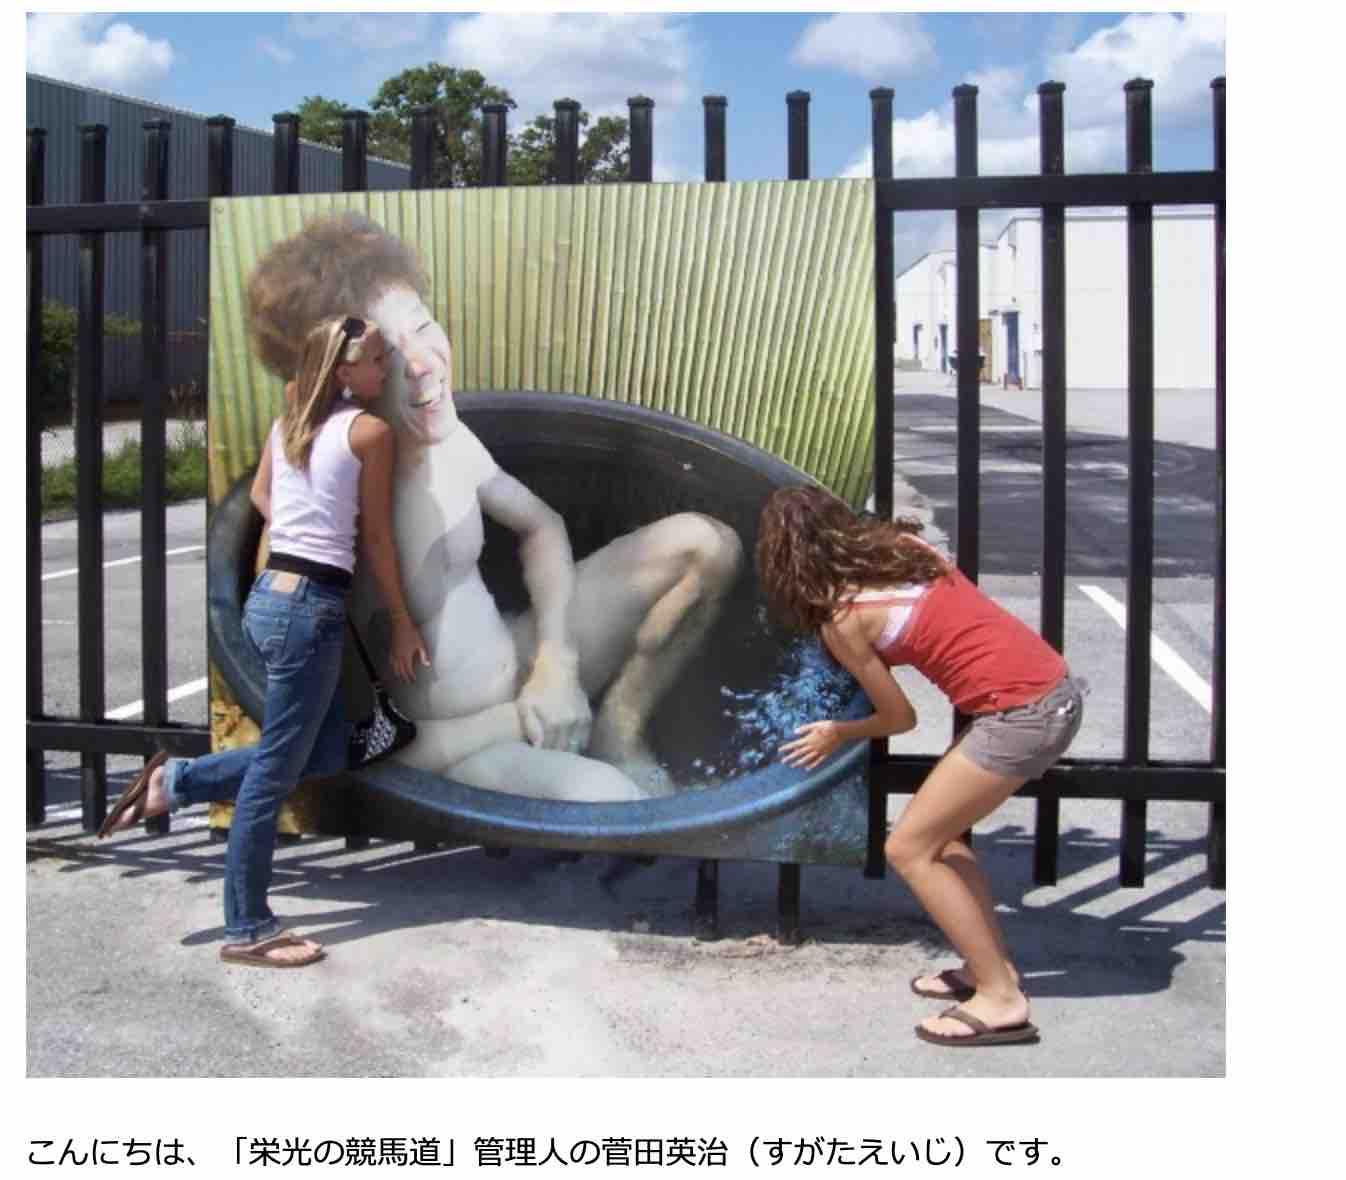 菅田英治による栄光の競馬道という競馬予想ブログのプロフ画像